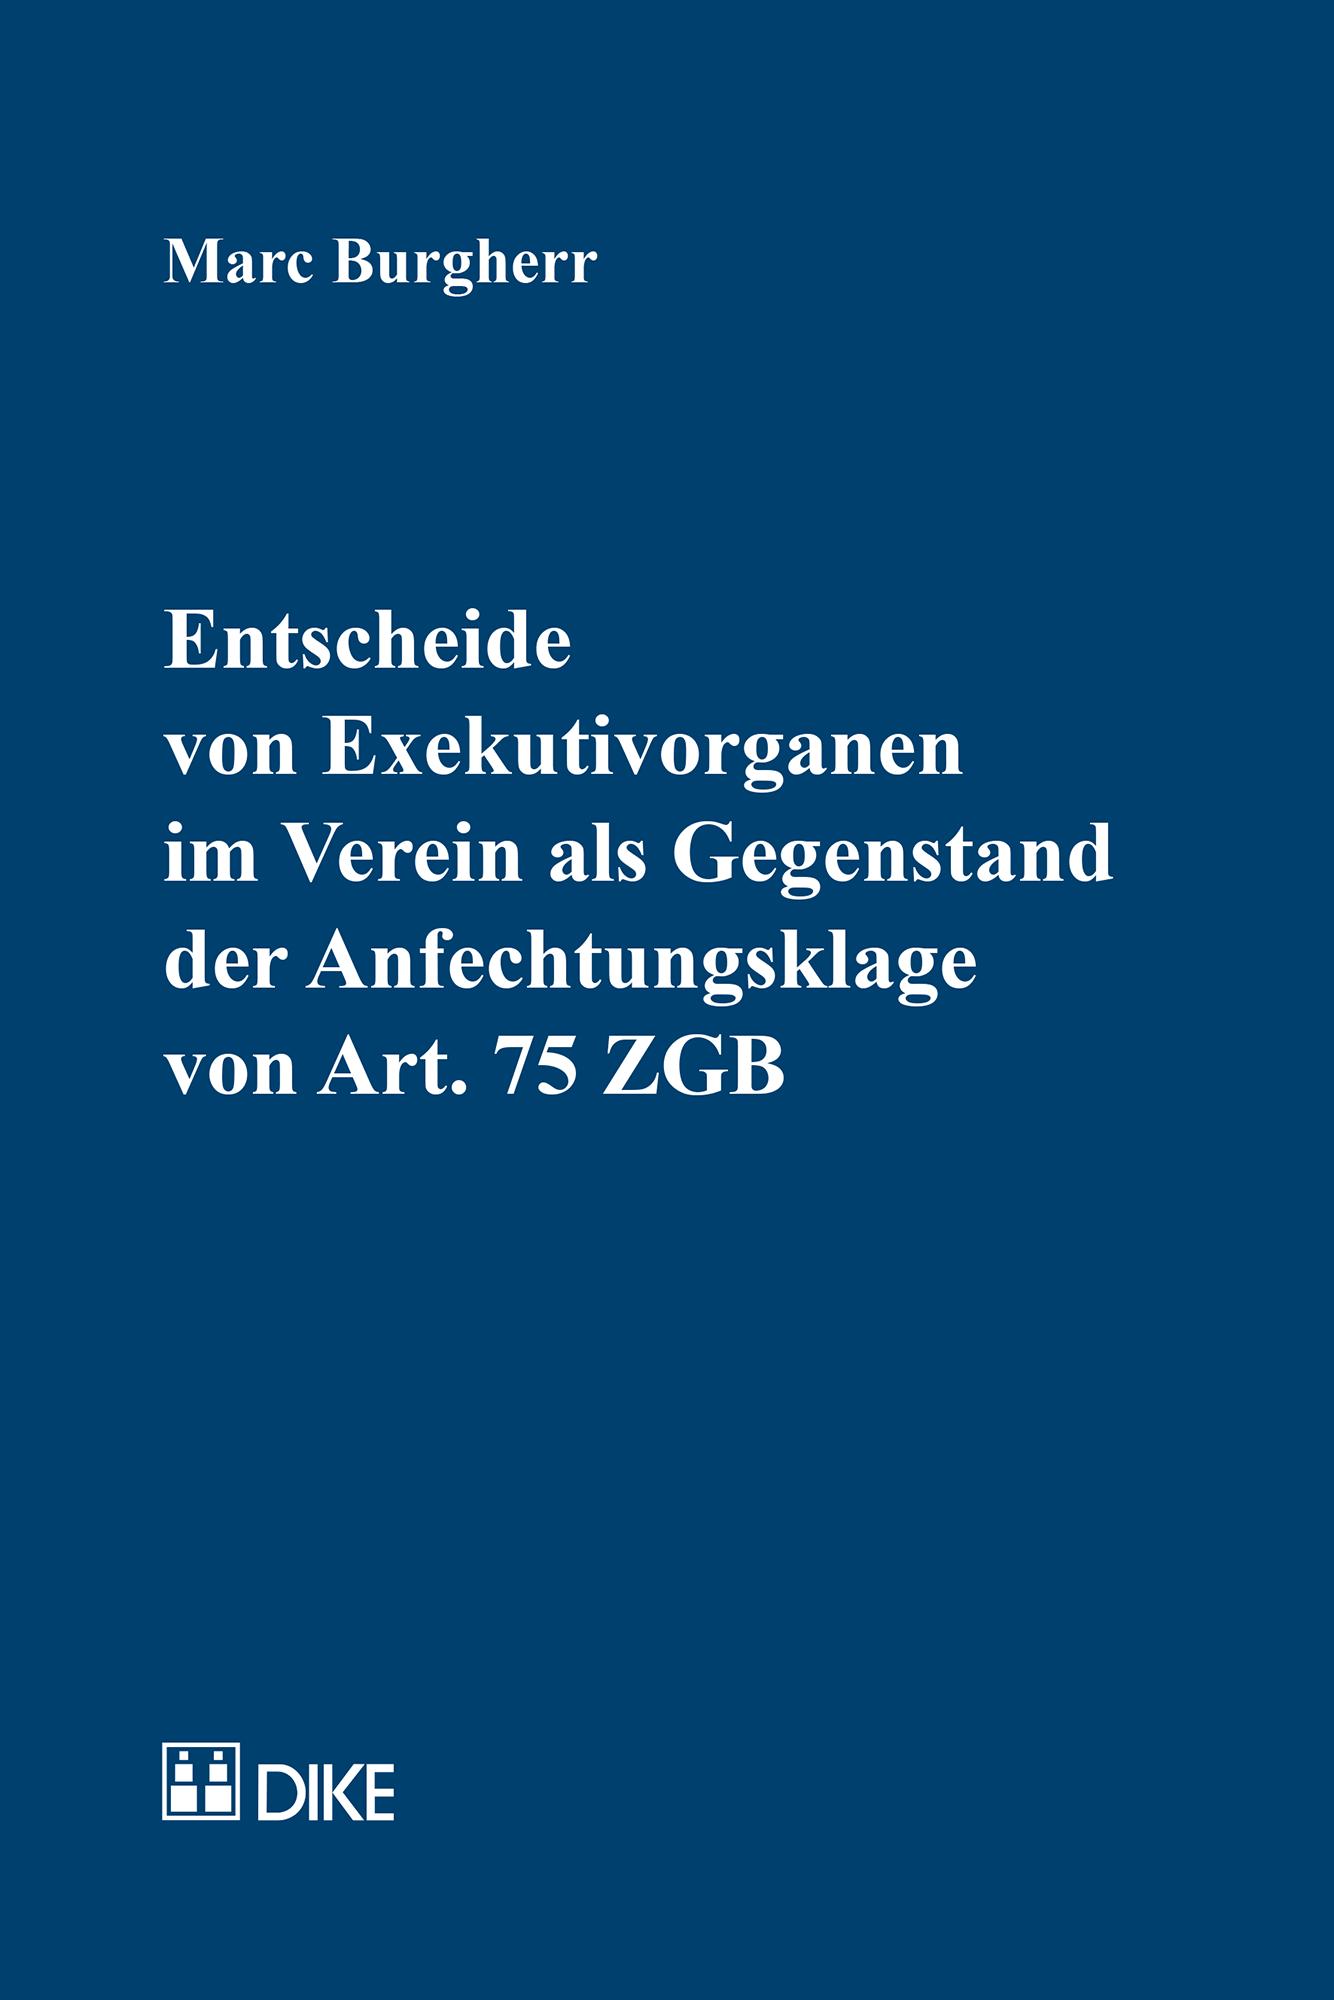 Entscheide von Exekutivorganen im Verein als Gegenstand der Anfechtungsklage von Art. 75 ZGB